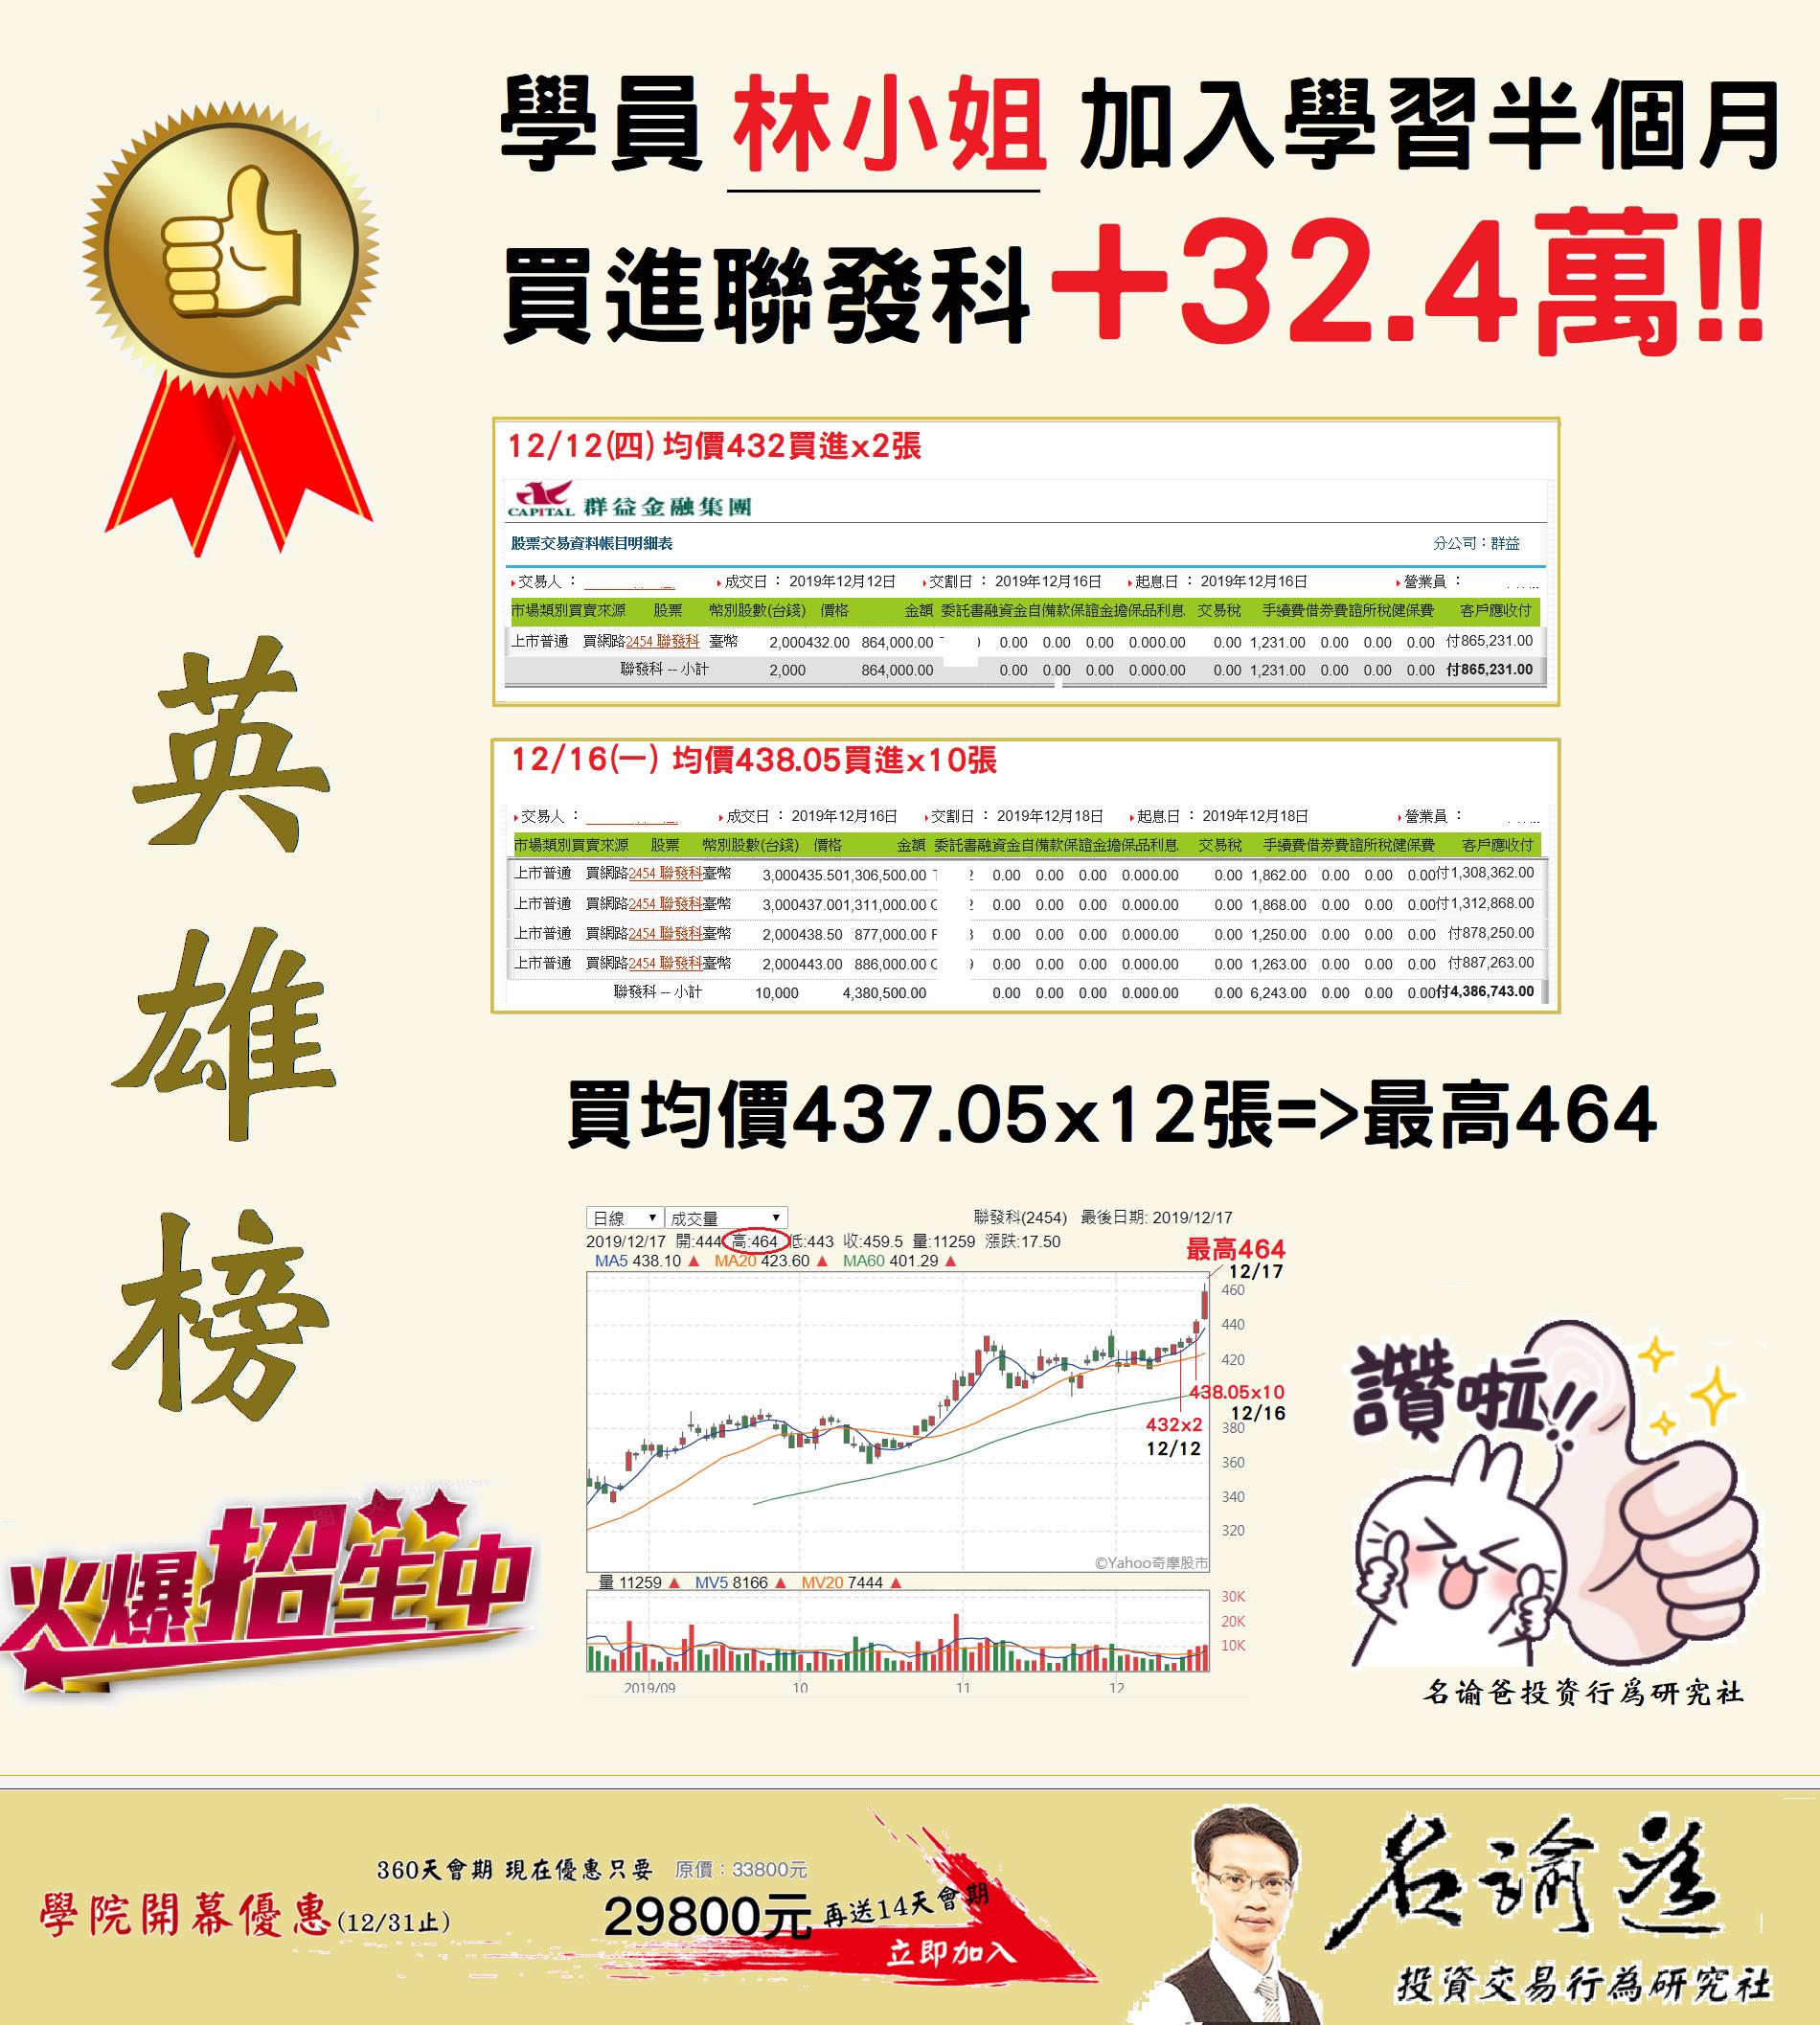 【名諭爸英雄榜】學員學習半個月就賺+32.4萬!